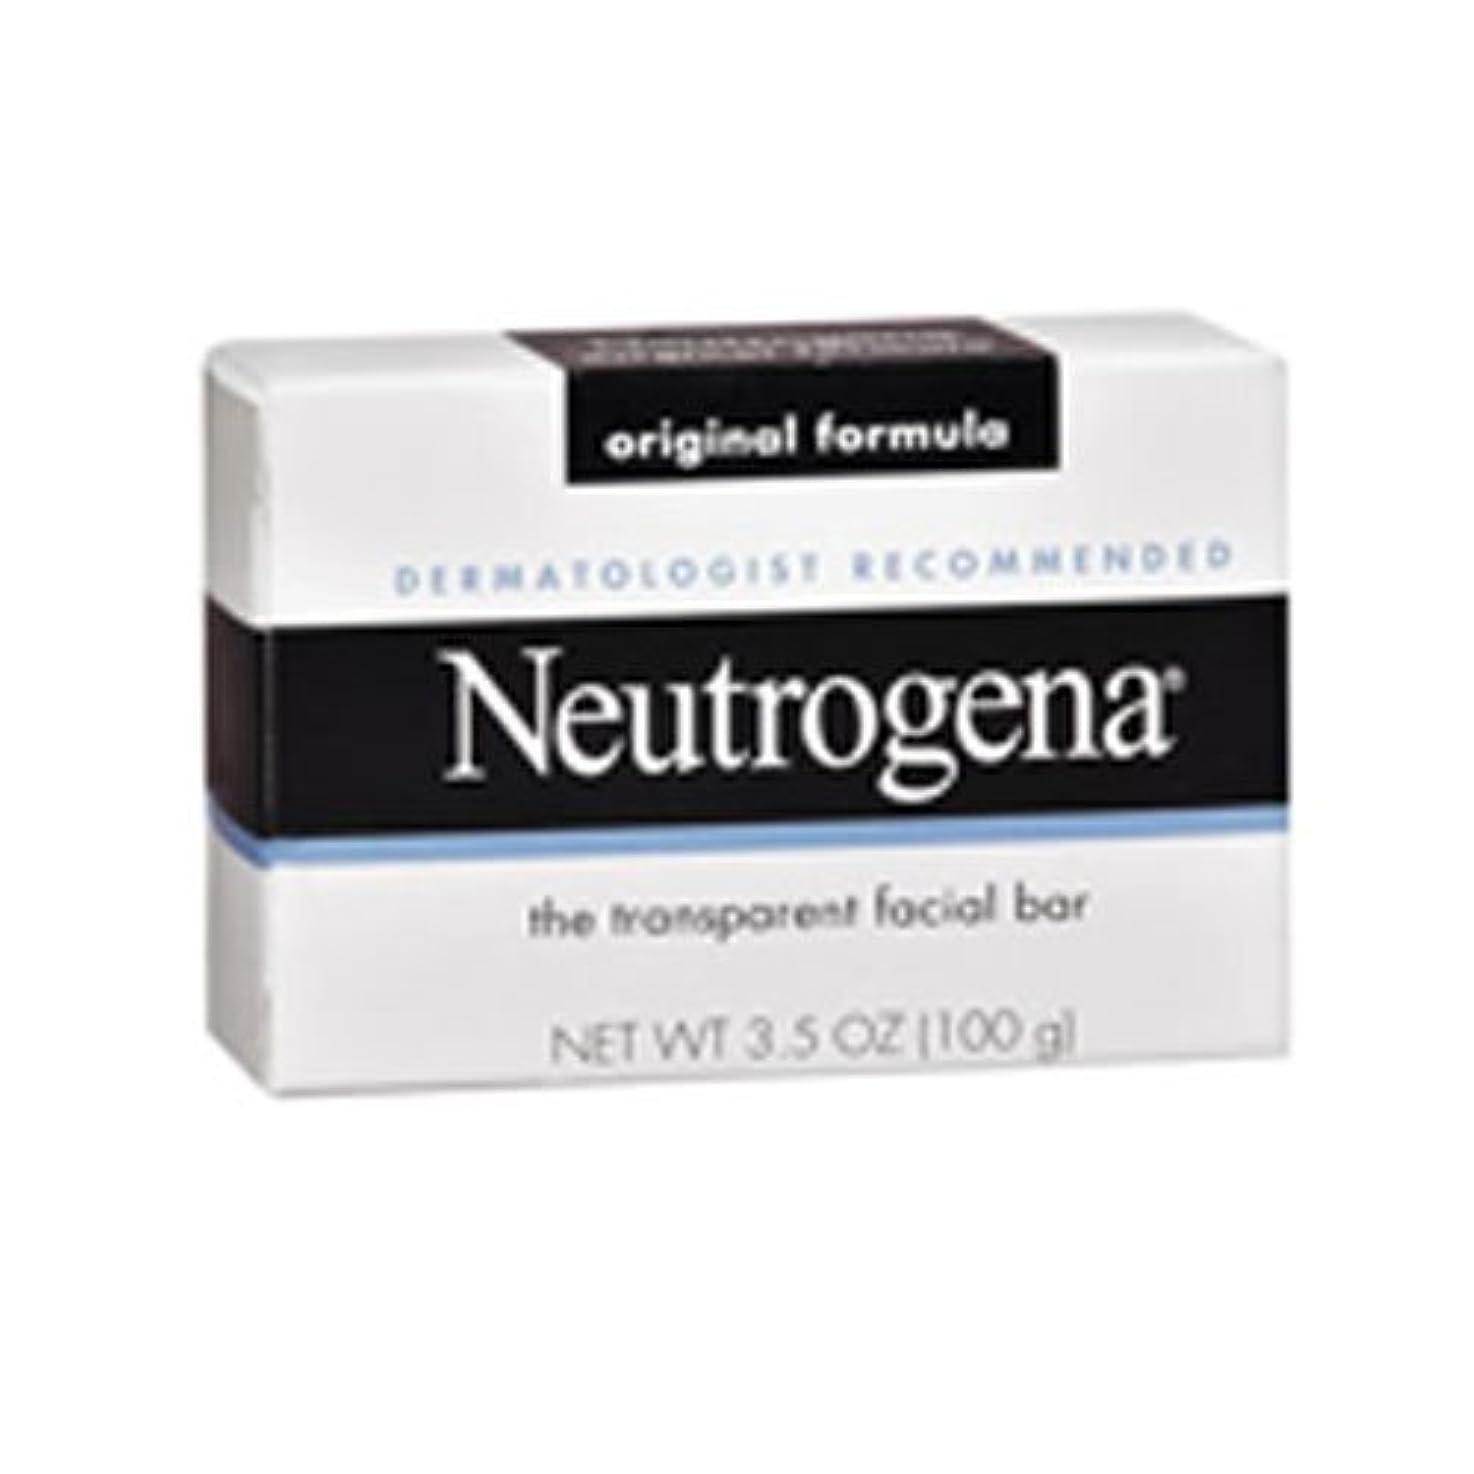 差し控える飼料抵抗力がある海外直送肘 Neutrogena Transparent Facial Soap Bar, 3.5 oz